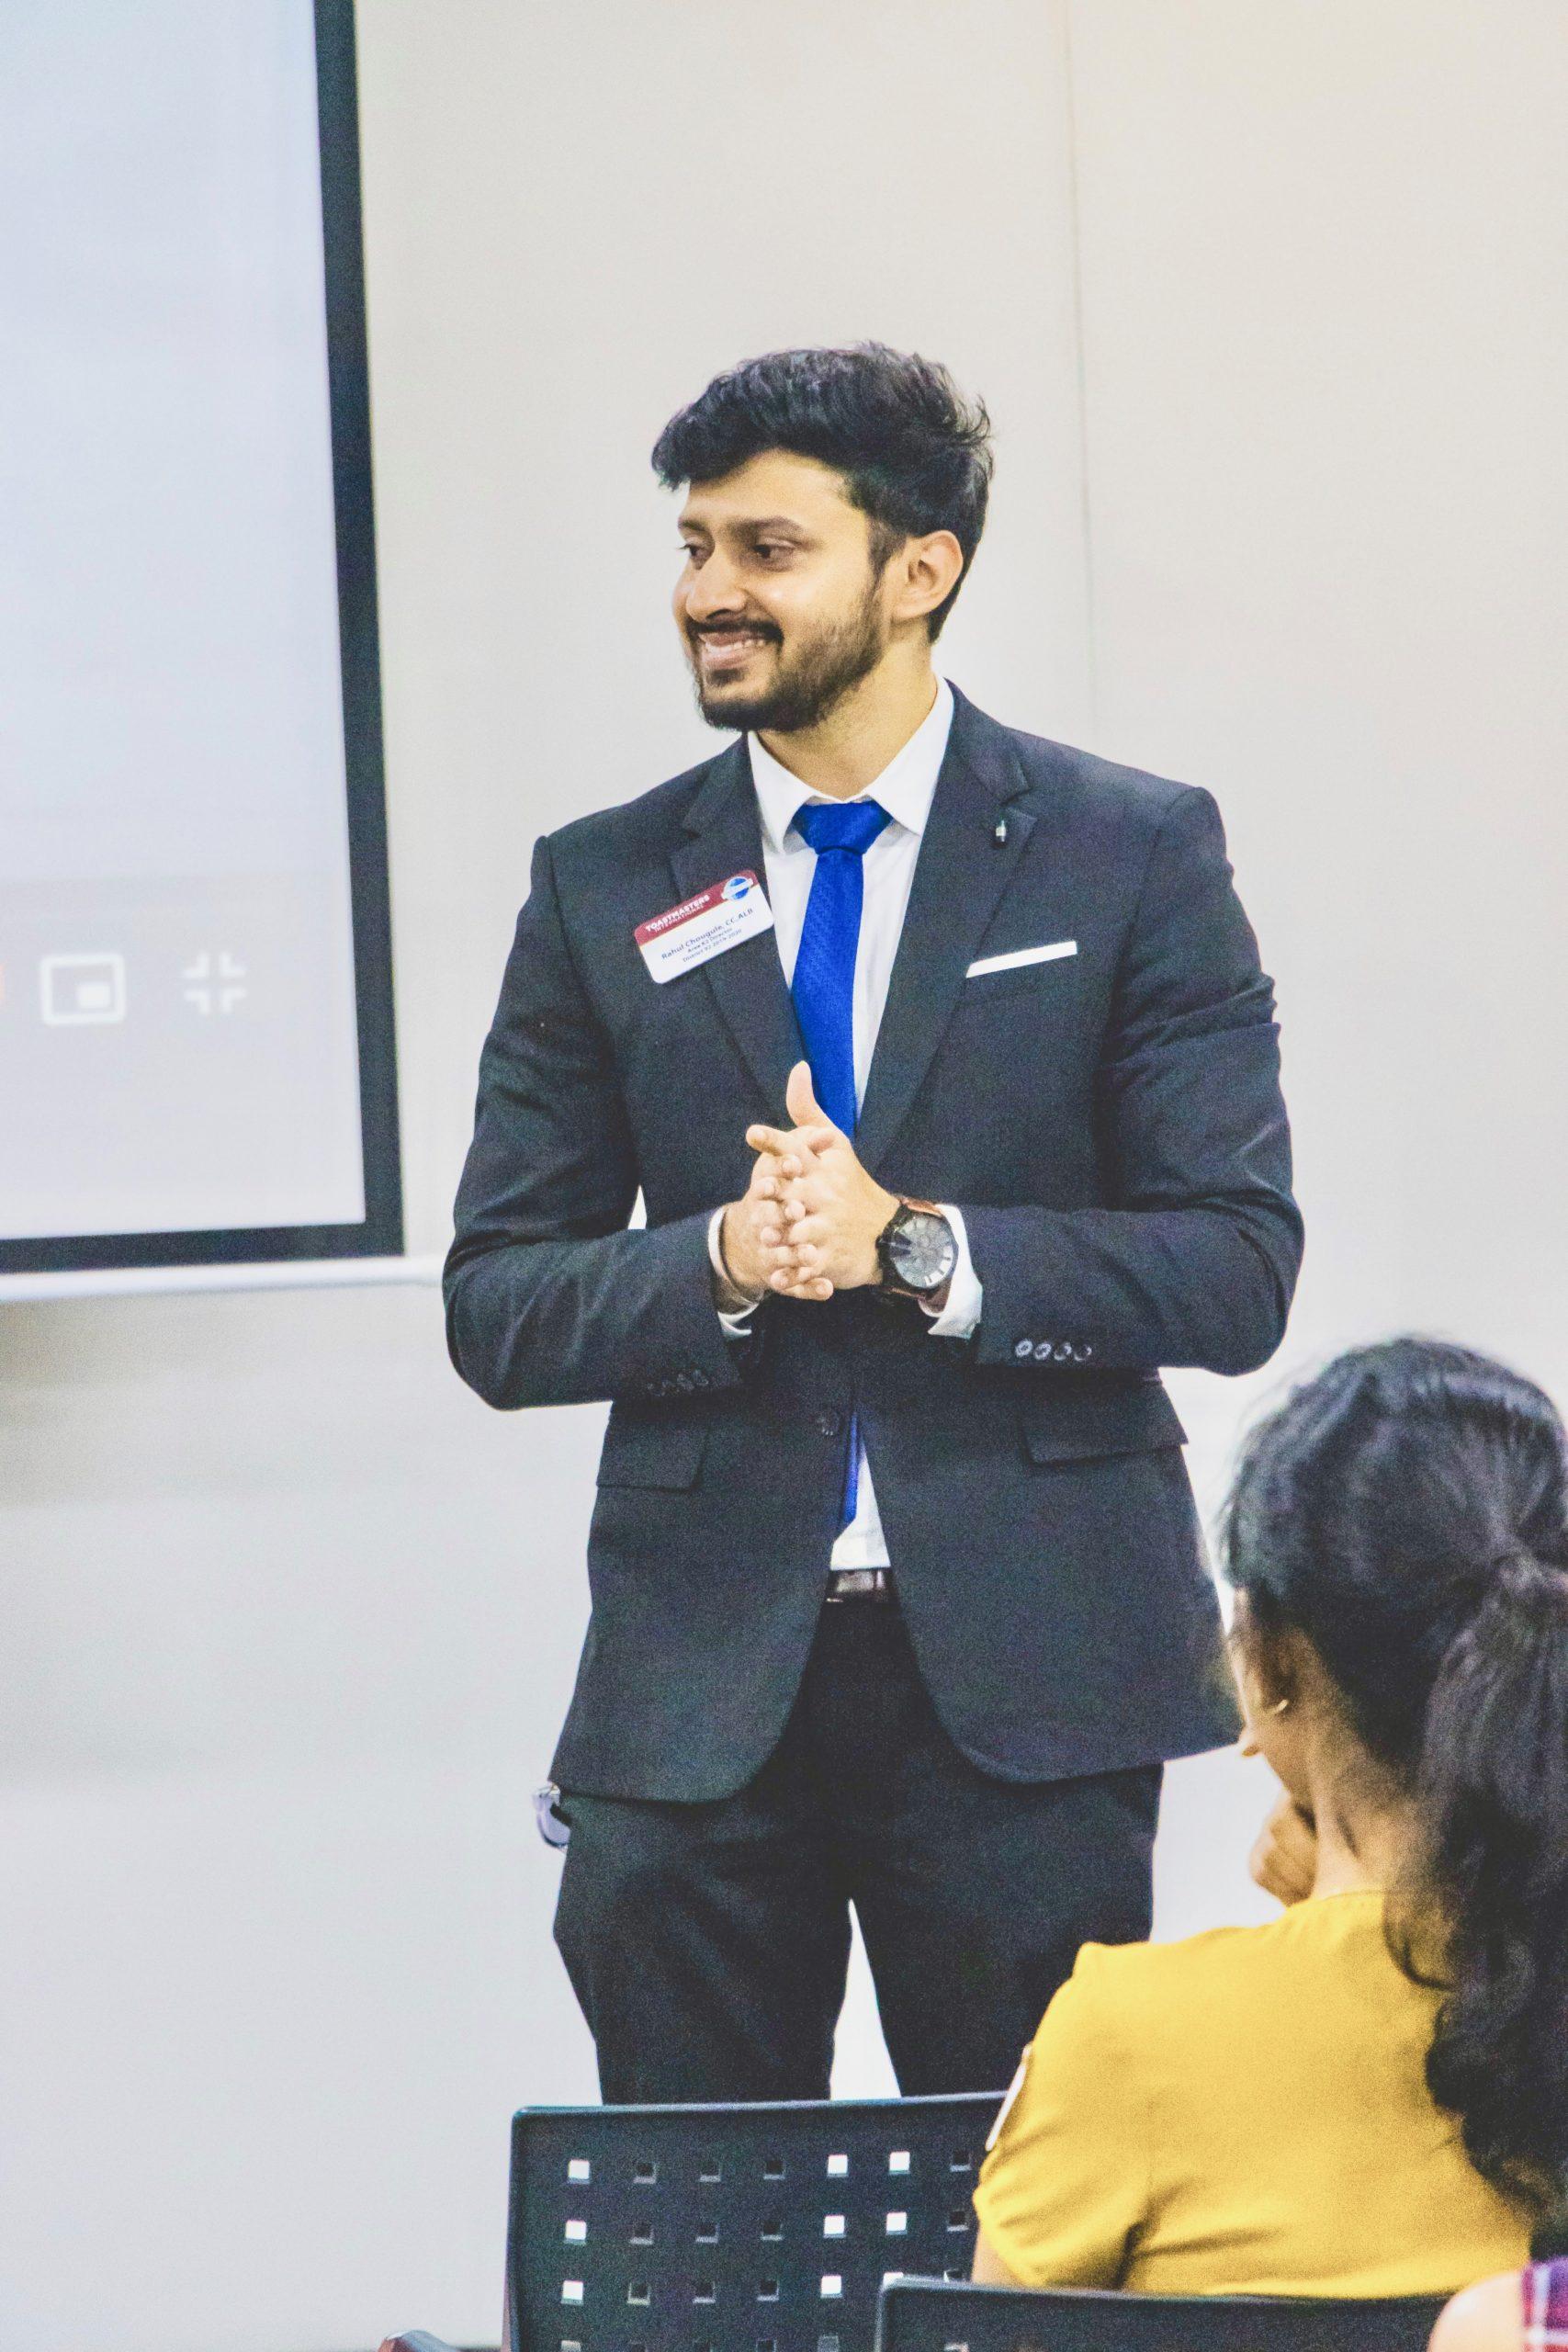 Rahul giving a speech.